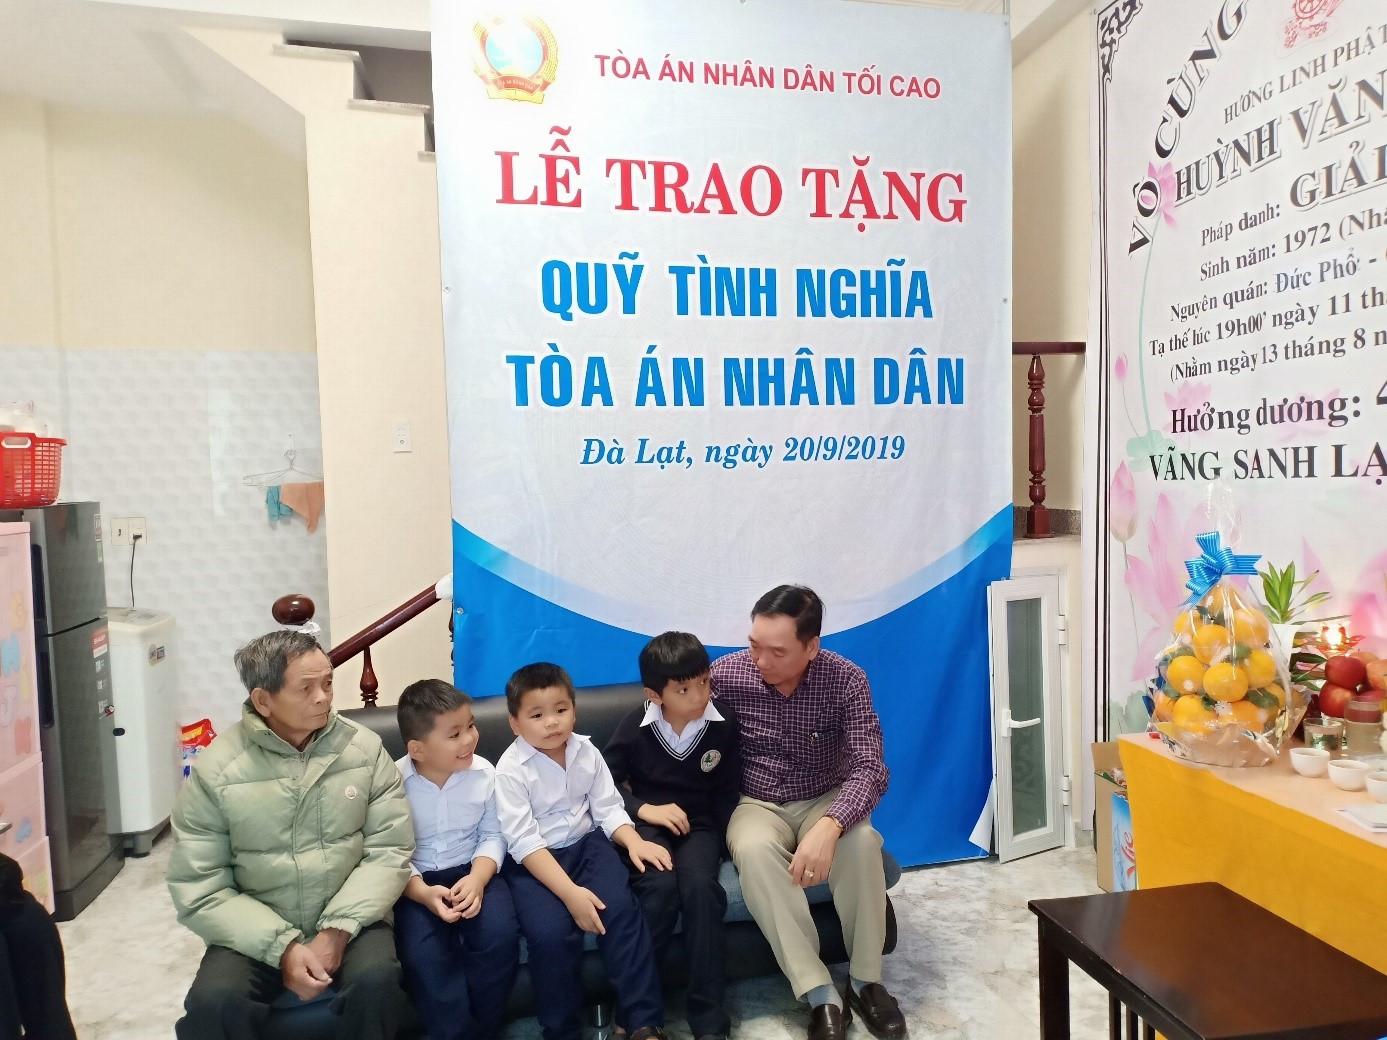 Quỹ tình nghĩa TAND trao quà cho gia đình cán bộ, công chức có hoàn cảnh khó khăn